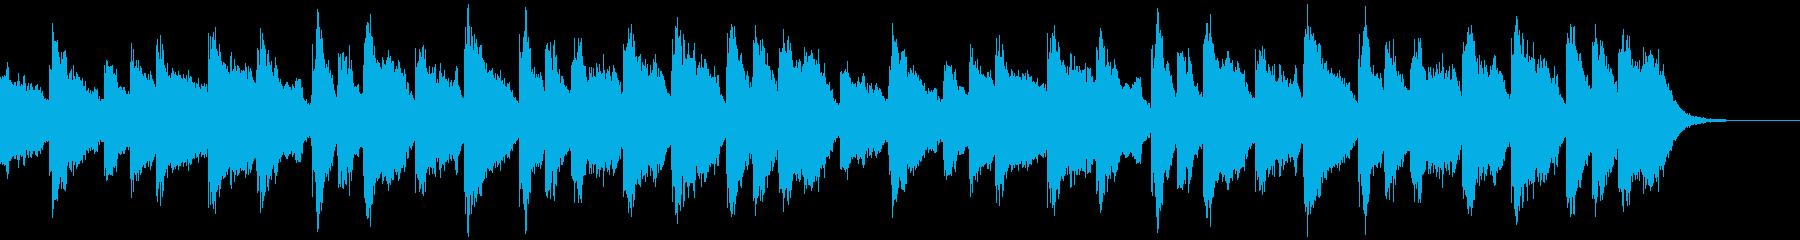 発表の瞬間の再生済みの波形